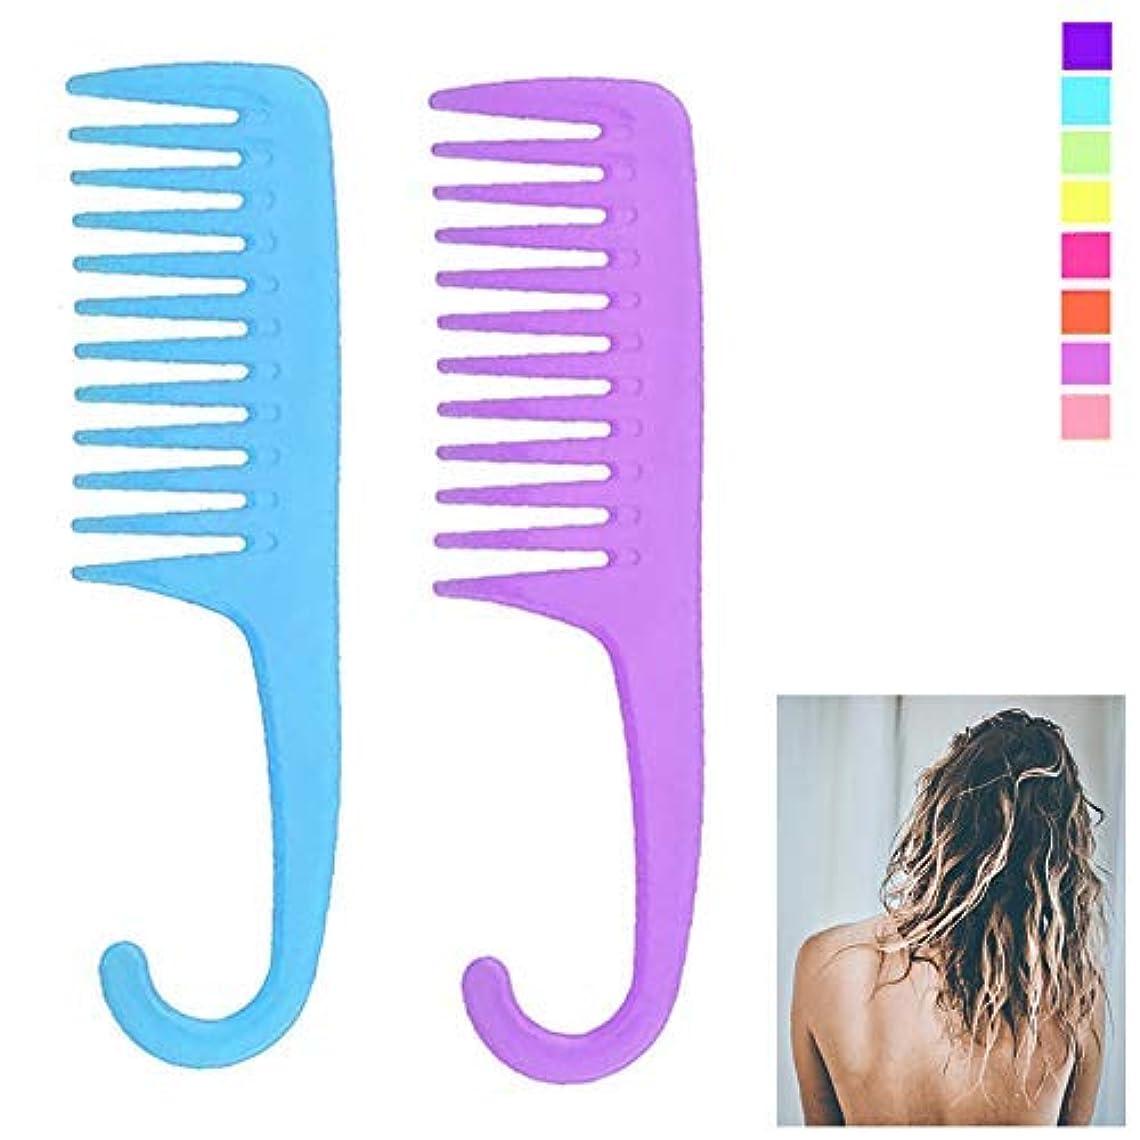 銃周術期解凍する、雪解け、霜解け2 Shower Combs Hair Wide Tooth Dry Wet Gently Detangles Thick Long Durable Salon [並行輸入品]